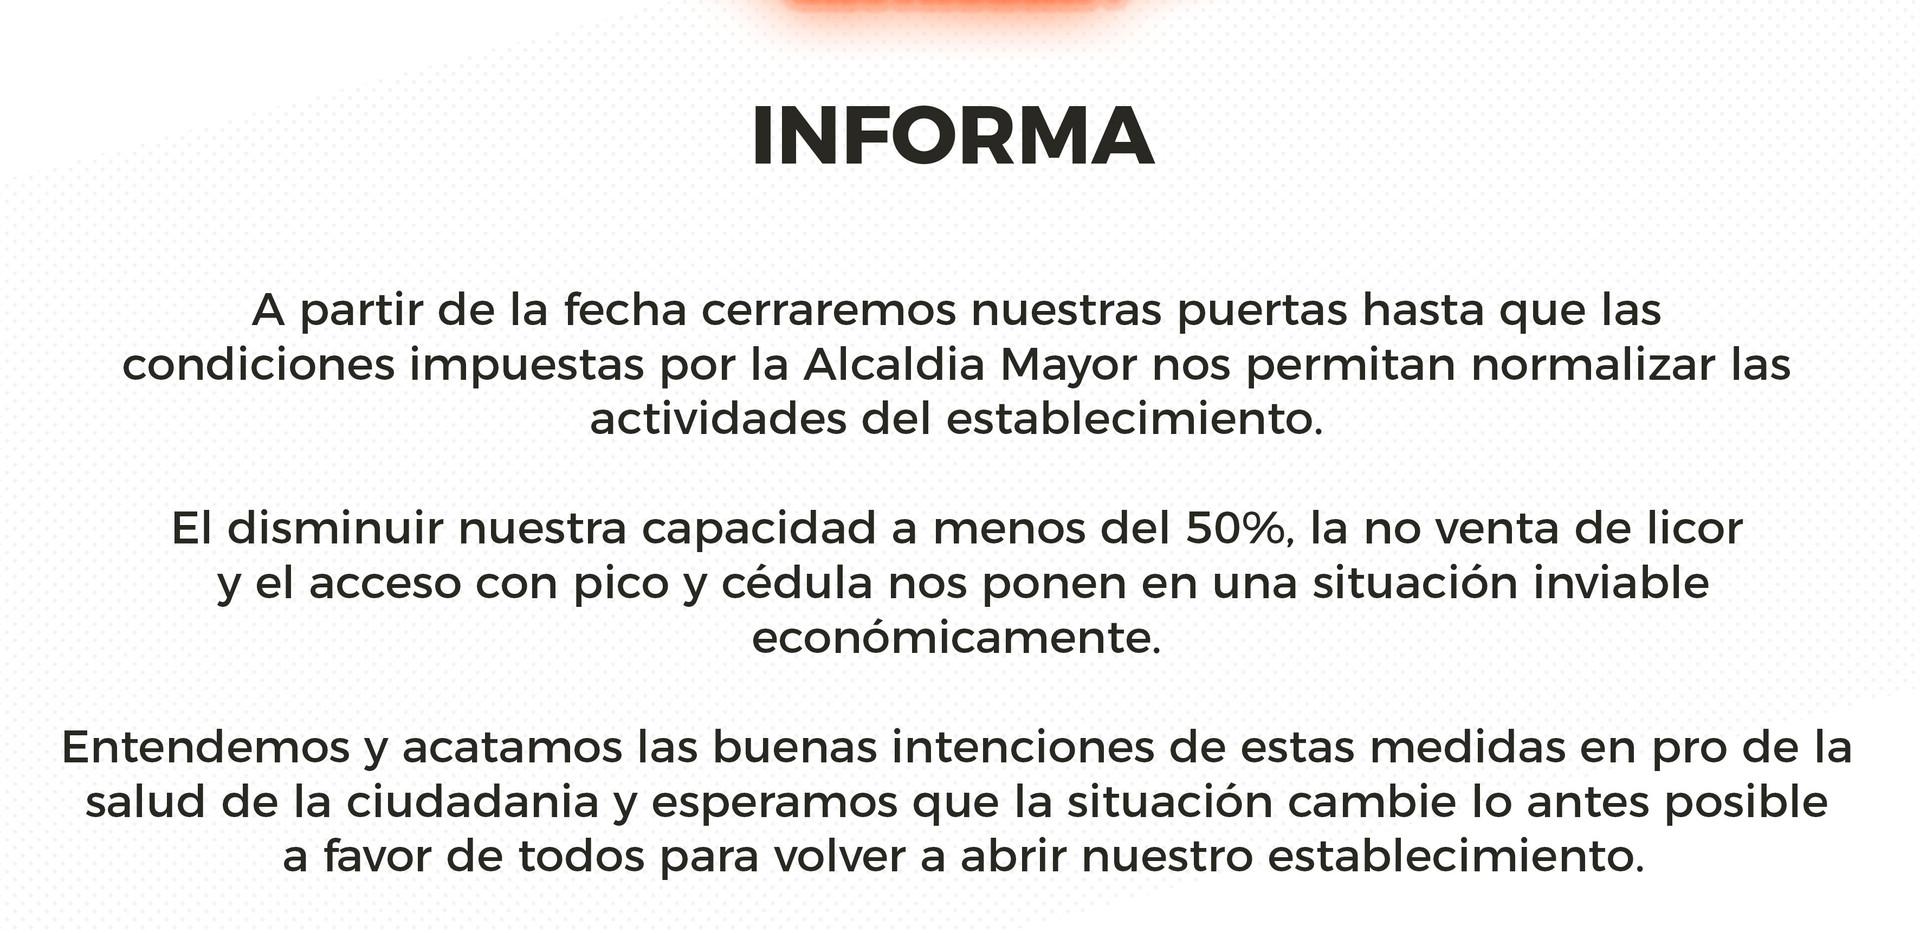 COMUNICADO-EL-MURO-.jpg